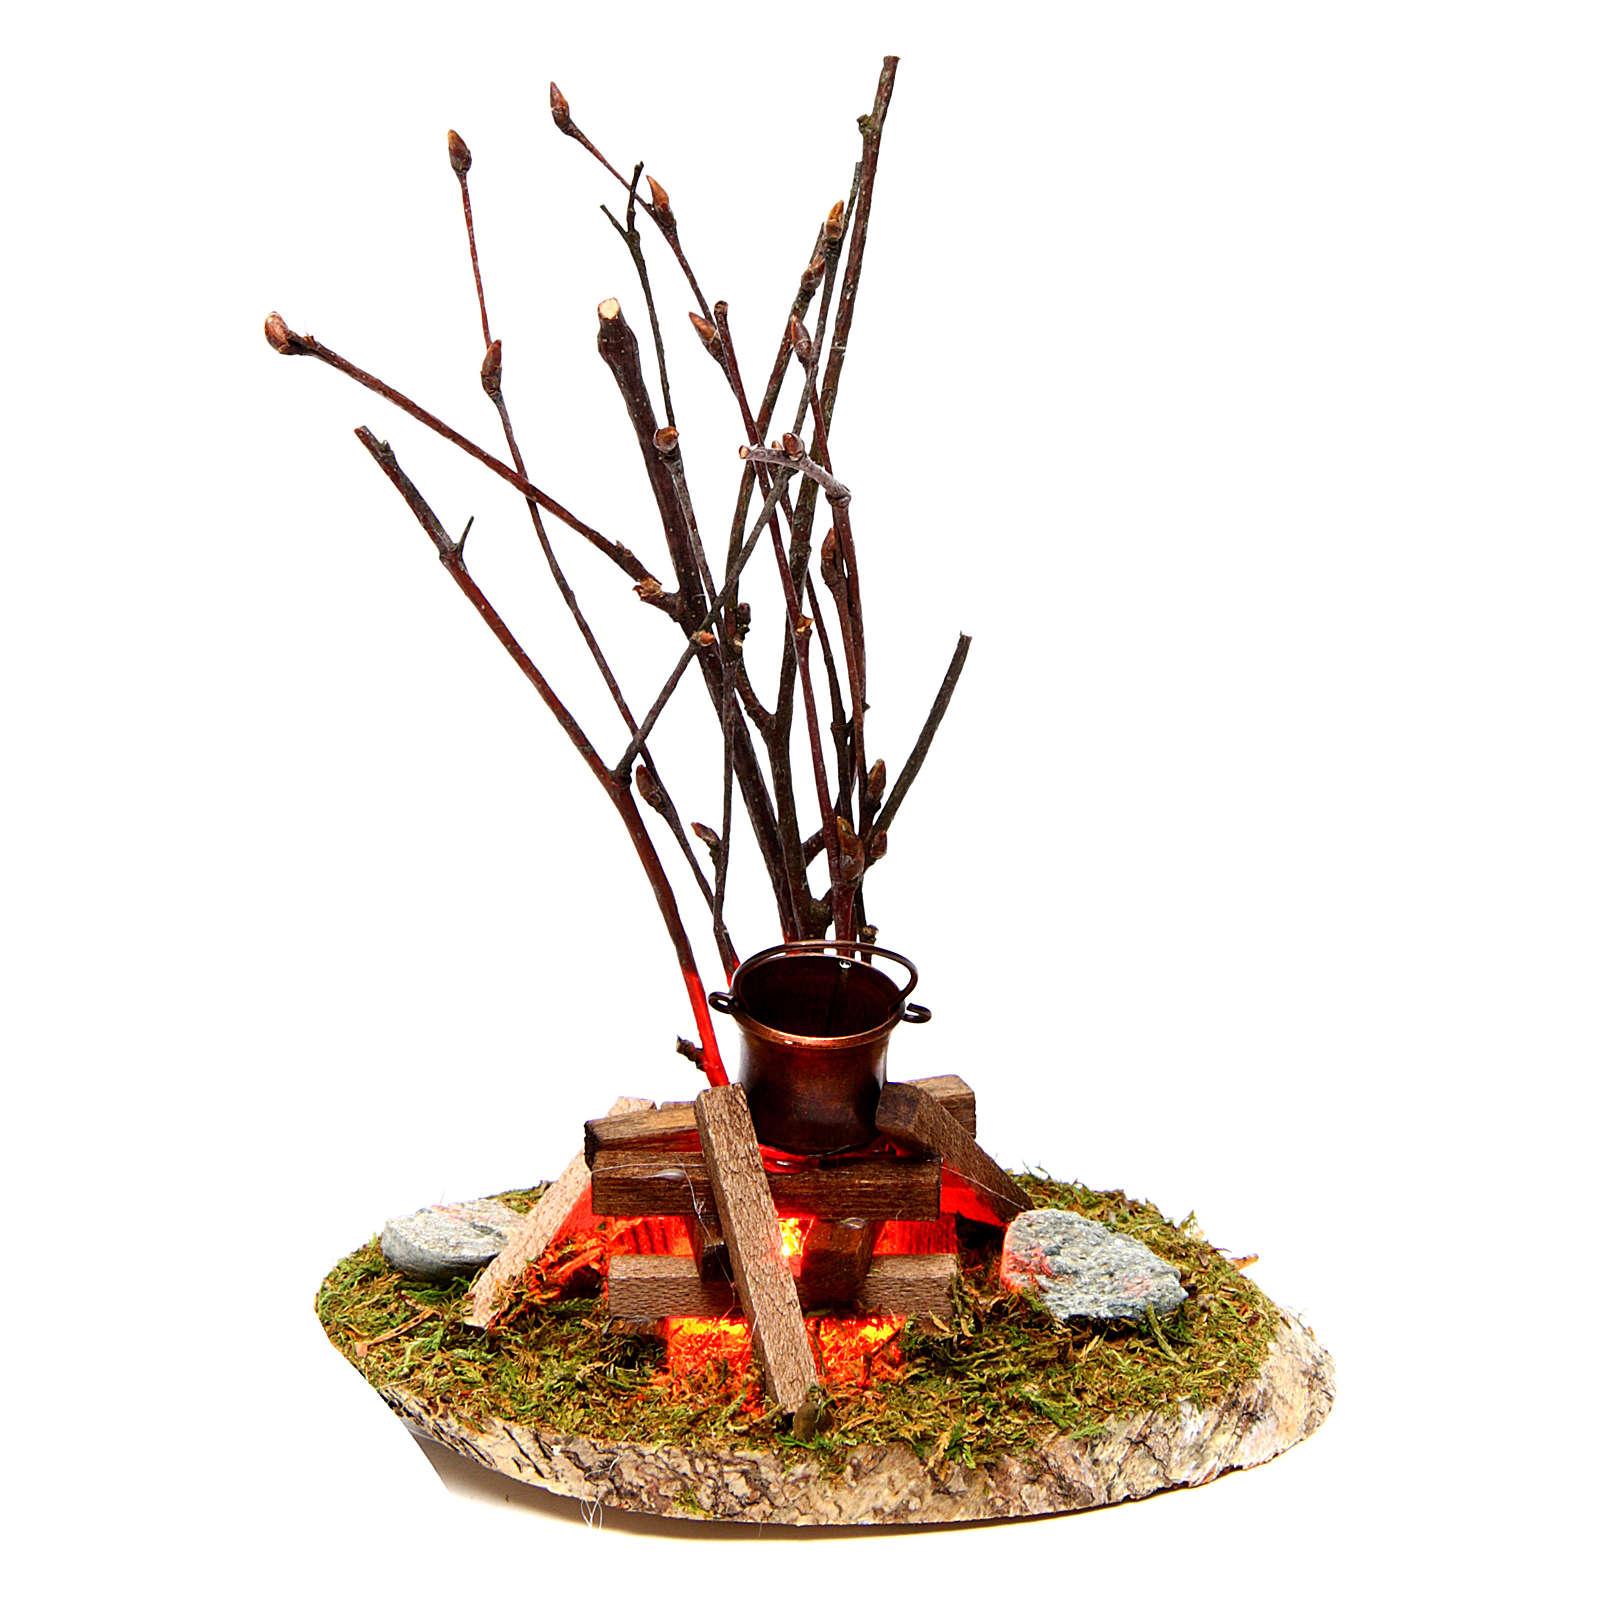 Casserole sur feu de bivouac 10x10x5 cm 4,5 V 4